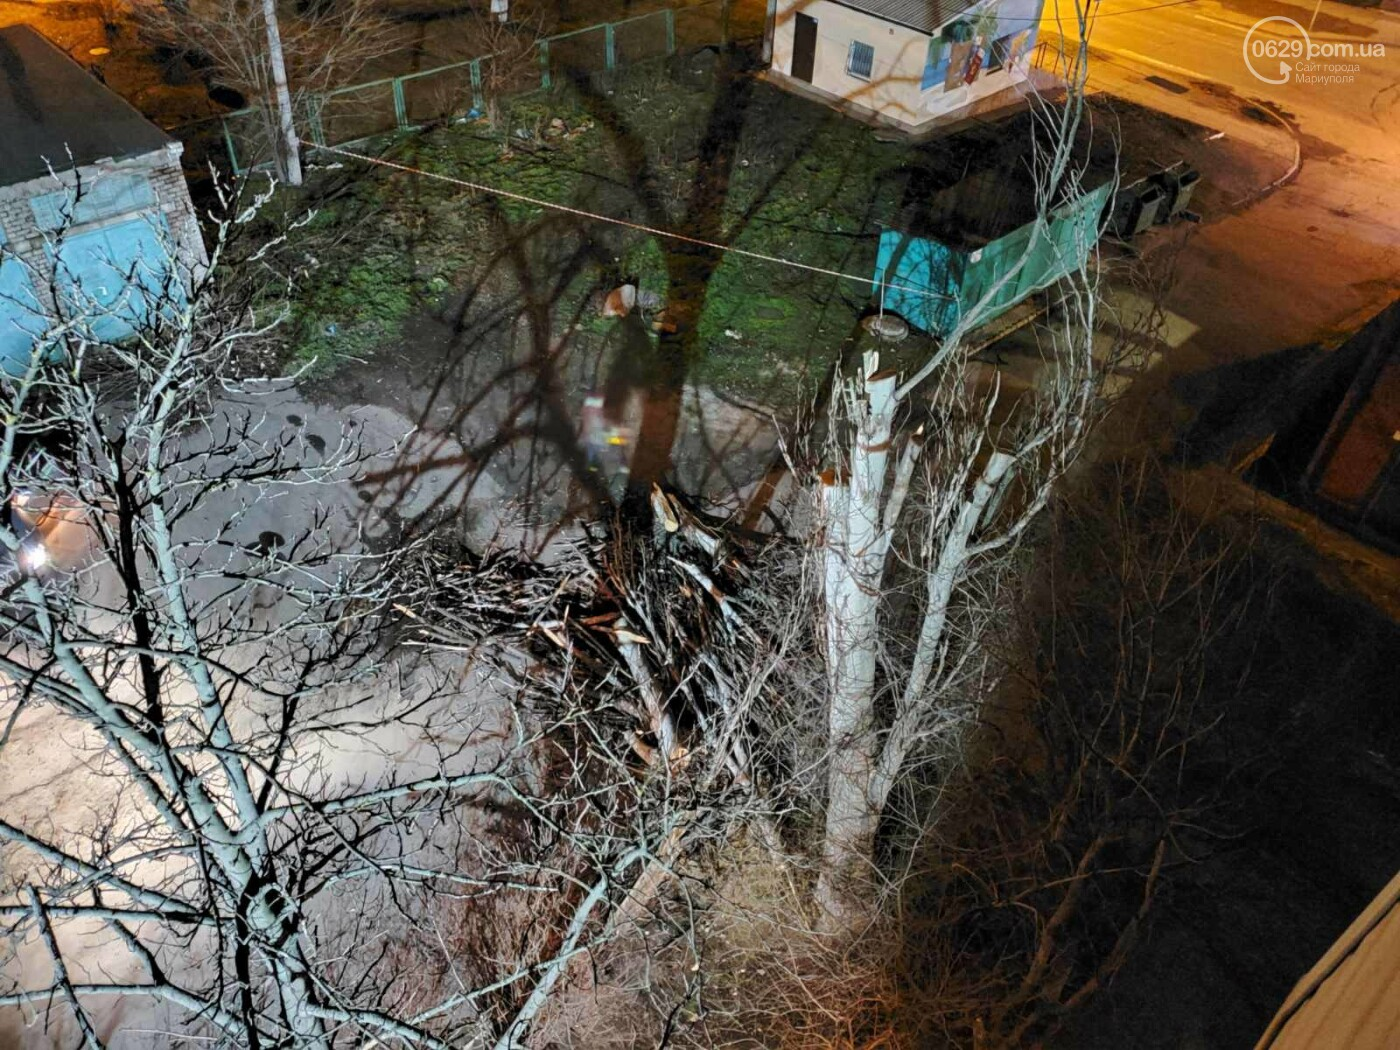 В Мариуполе спасатели убрали опасное дерево, - ФОТО, фото-13